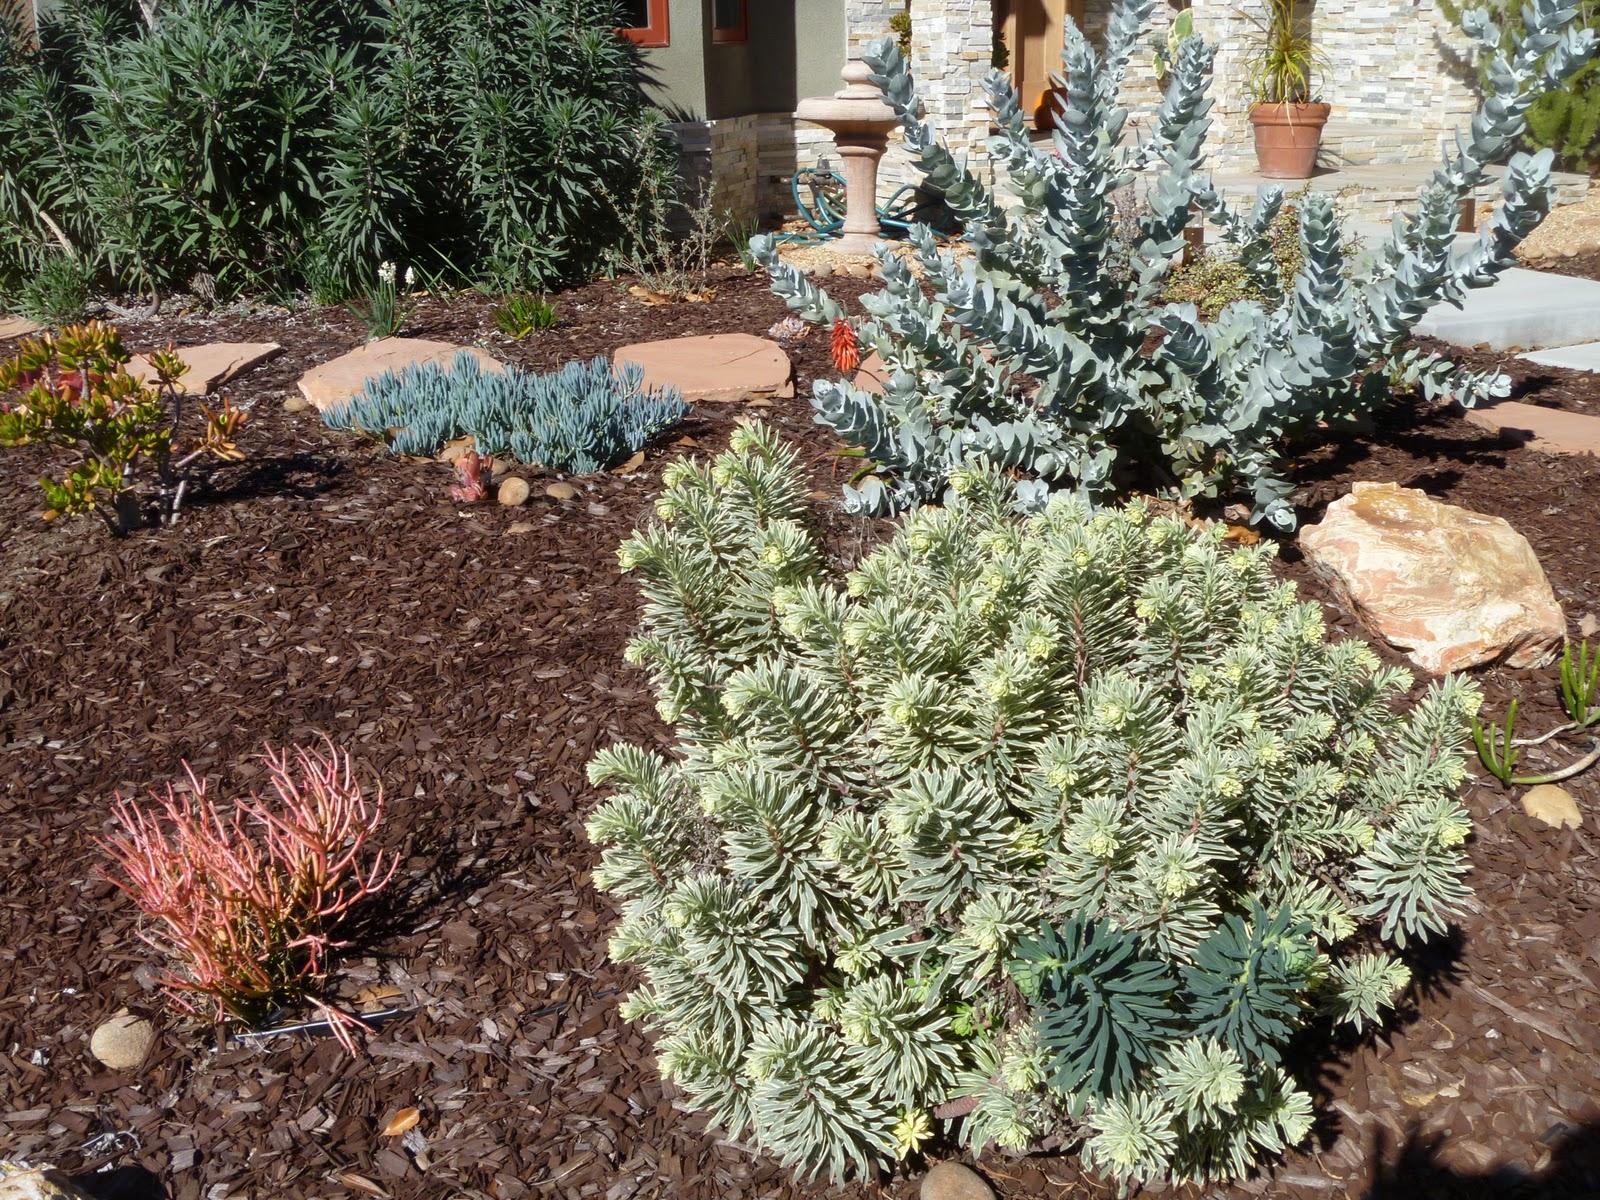 mar vista green garden showcase 11349 victoria avenue